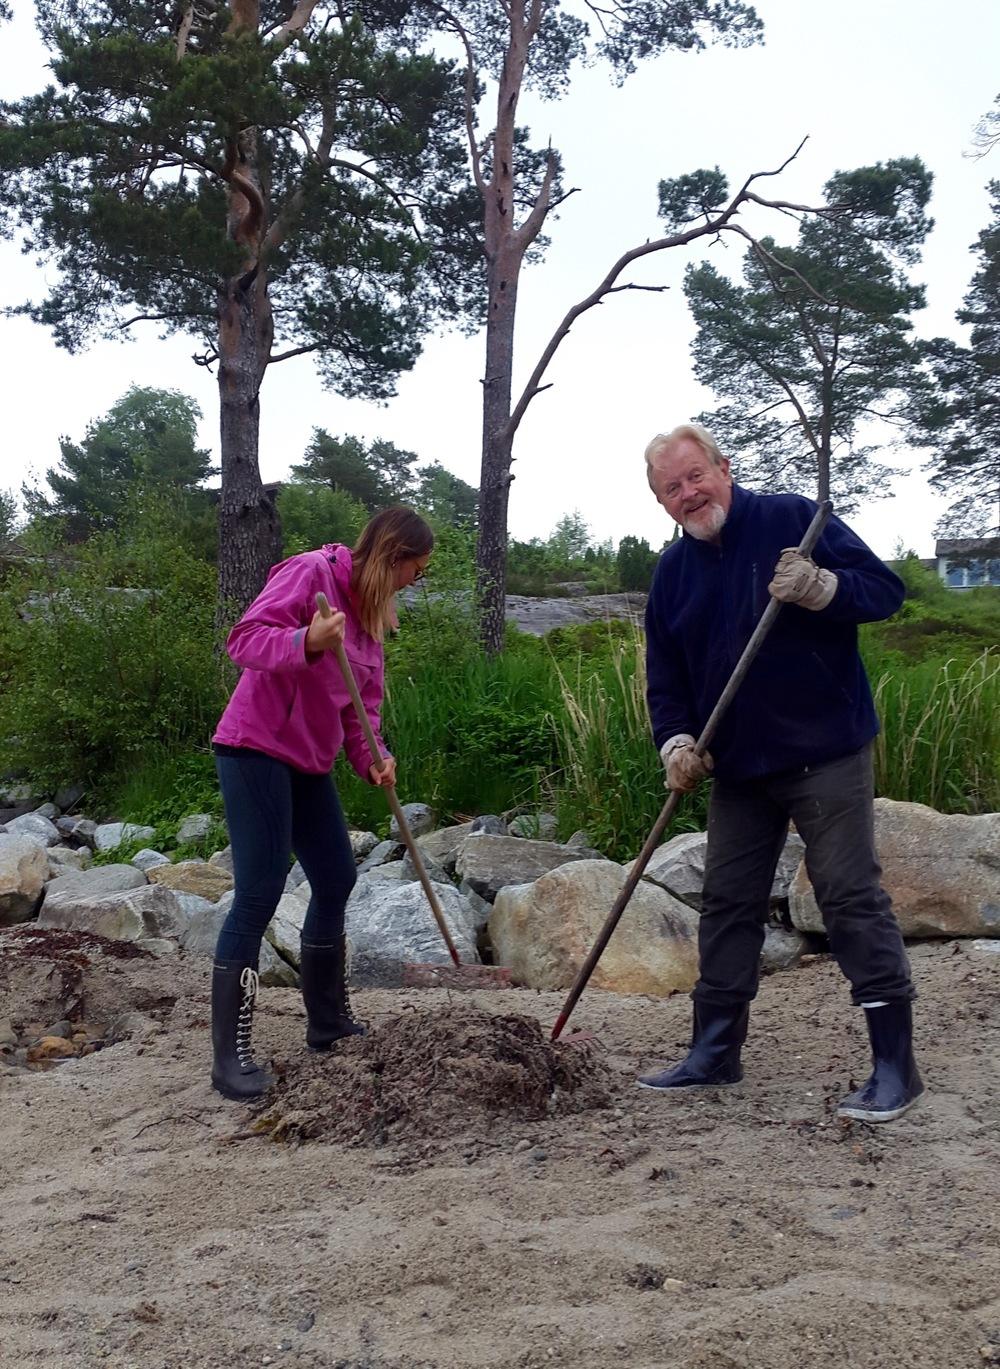 Brynhild Stokka og Jan B. Ingvaldsen i aksjon på ryddedagen. (Foto: Åsfrid Barstad)